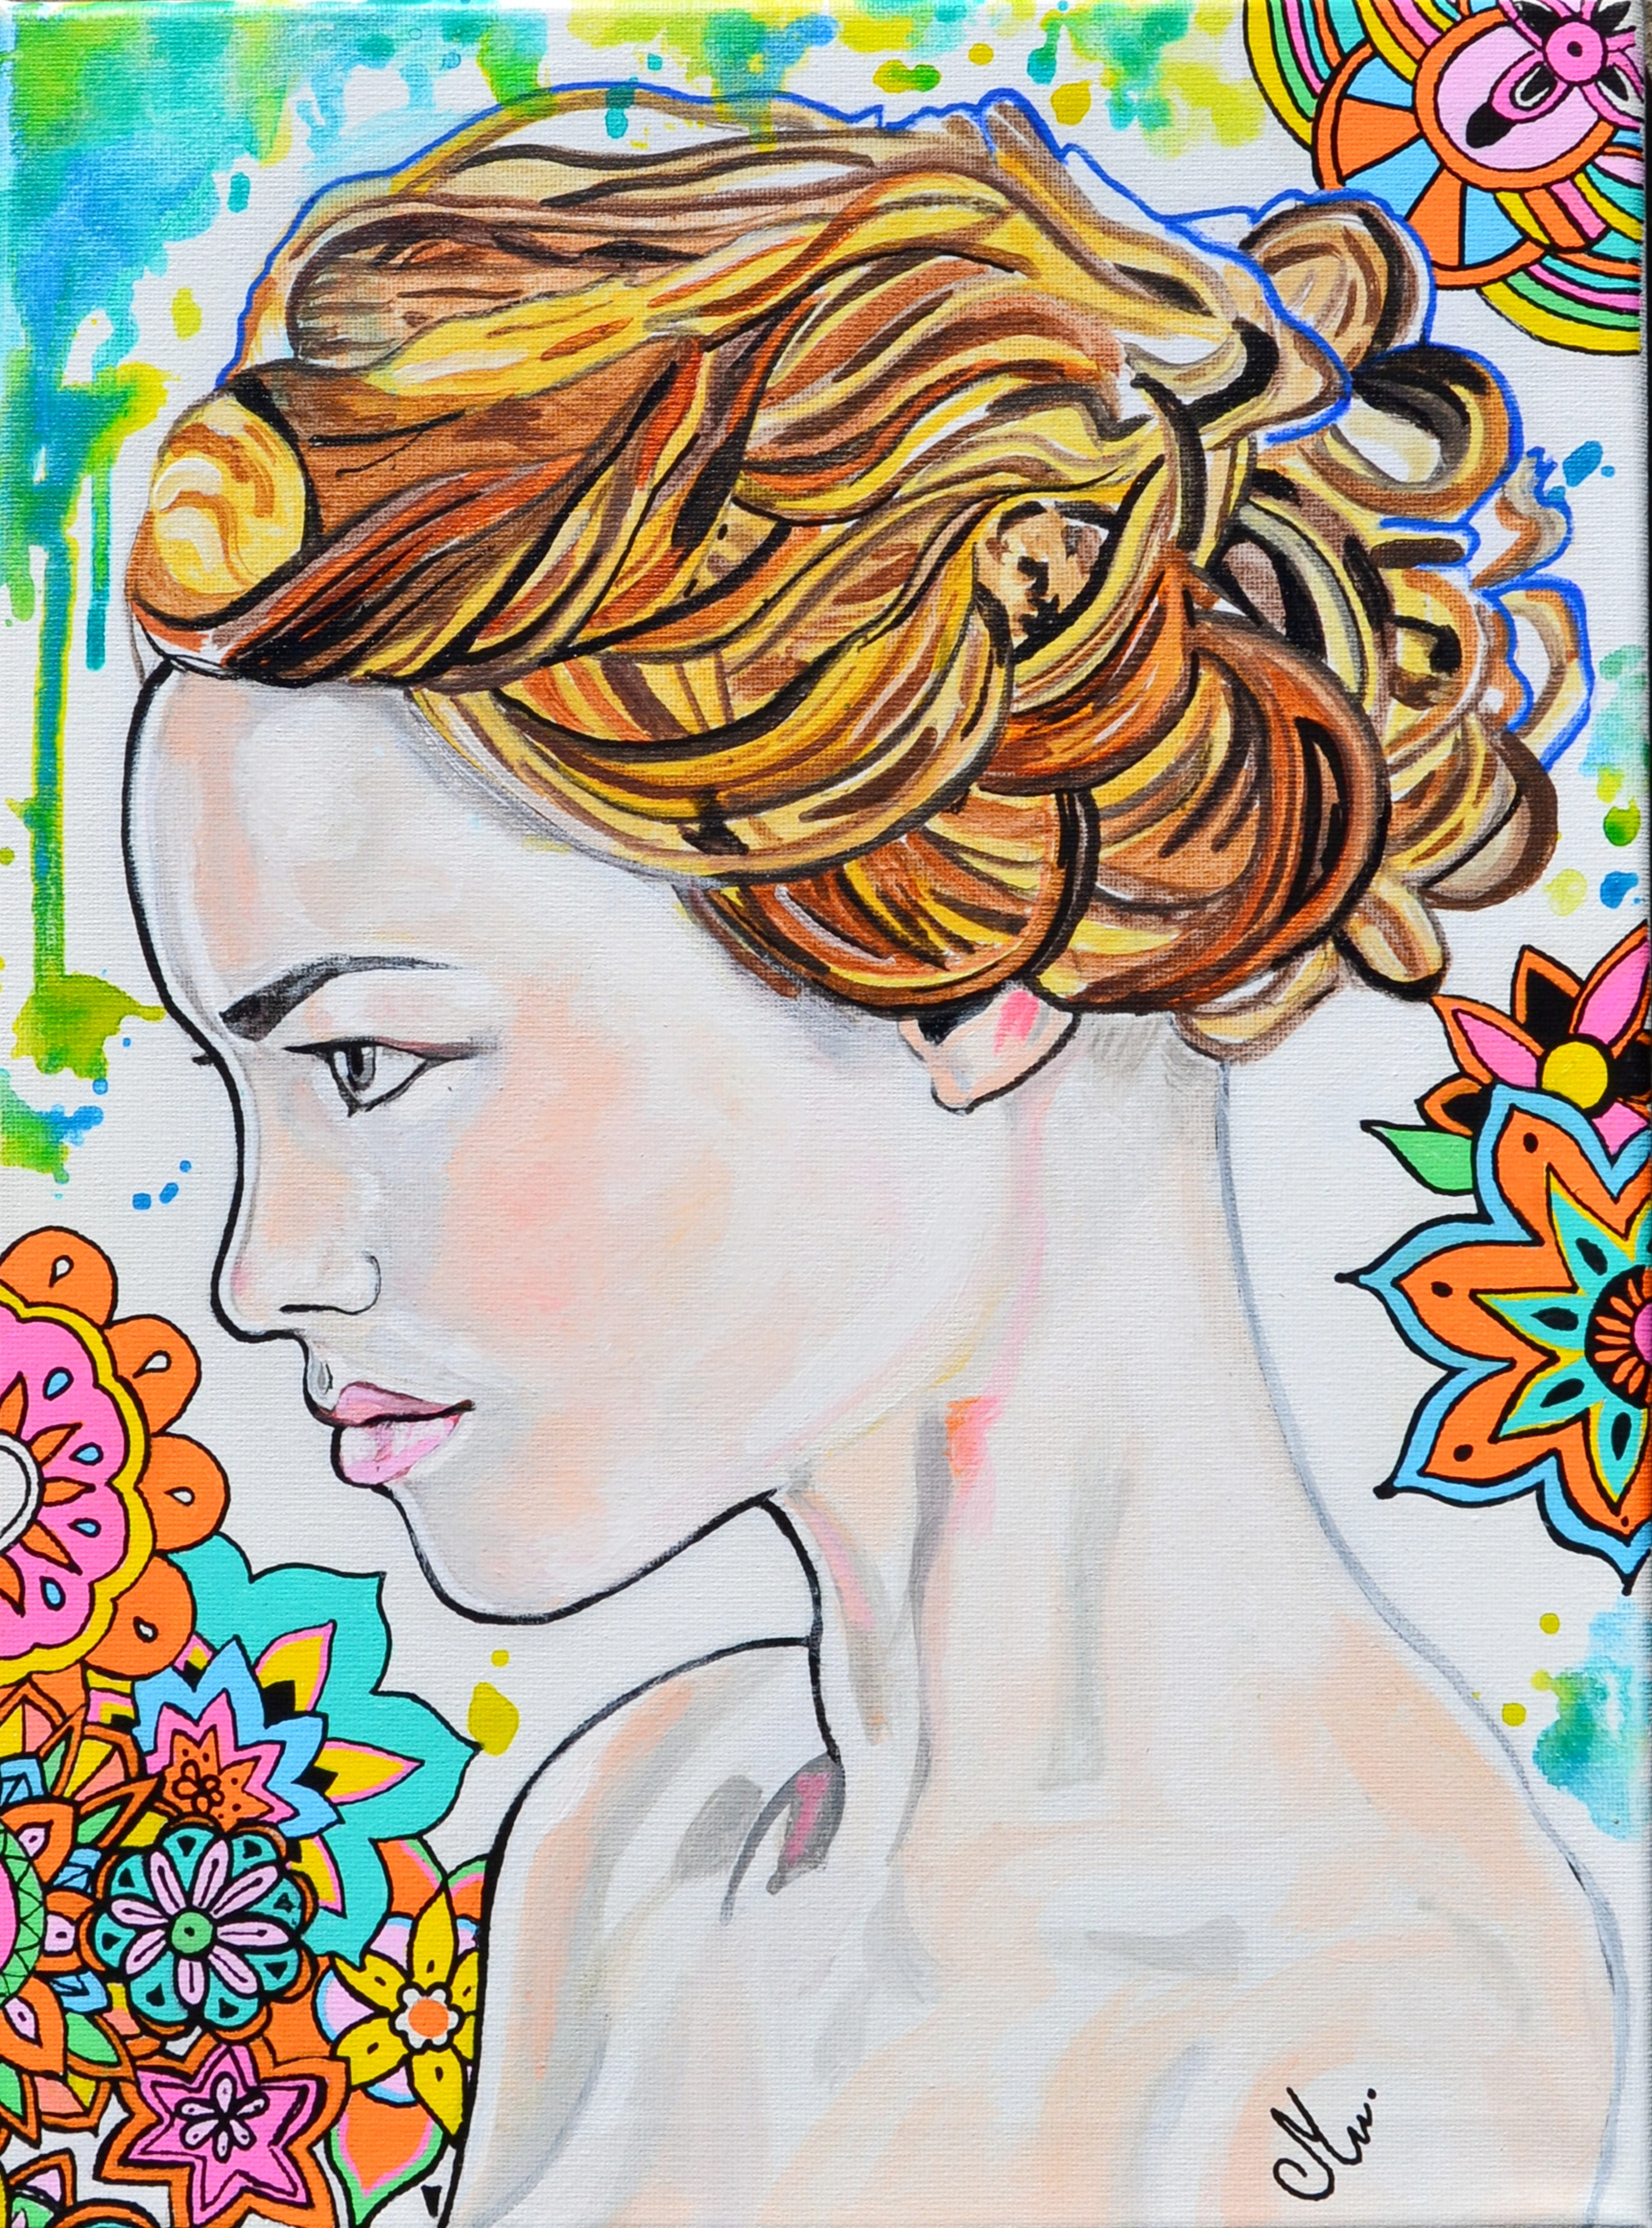 tableau art decoration artiste femme fleur tache peinture multicolore